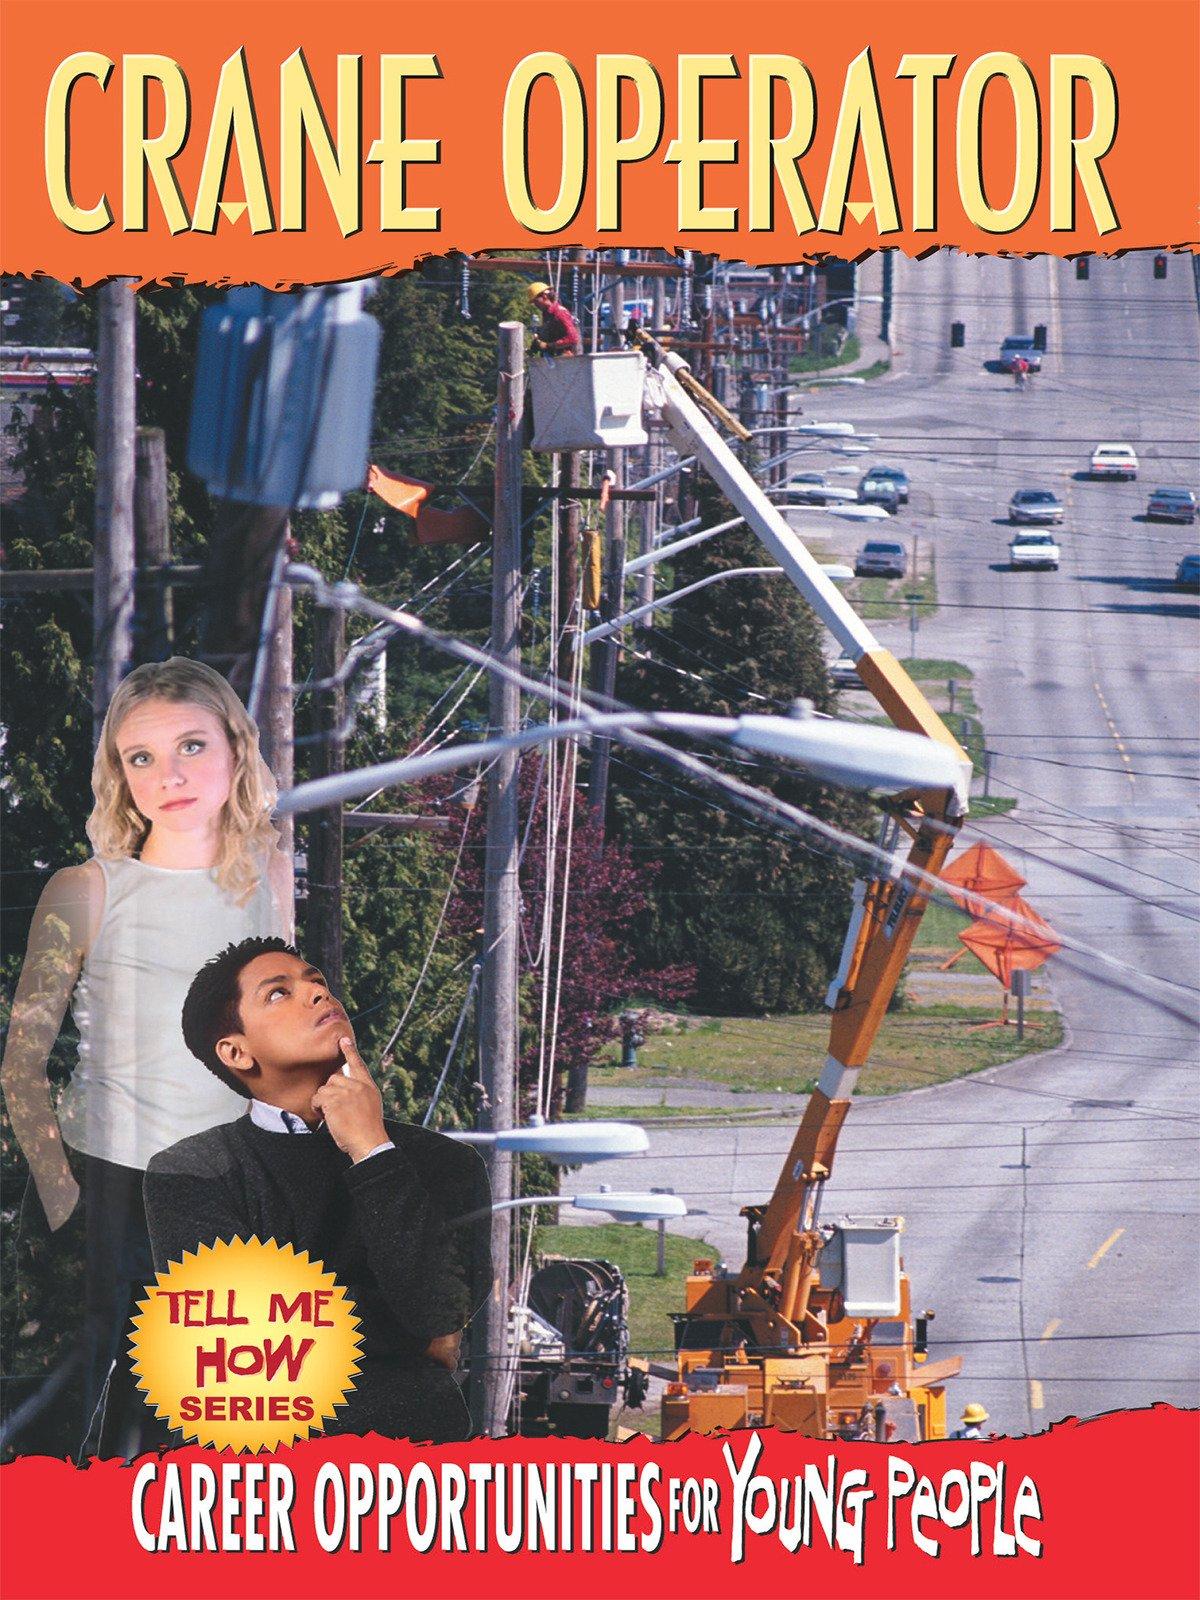 Tell Me How Career Series: Crane Operator